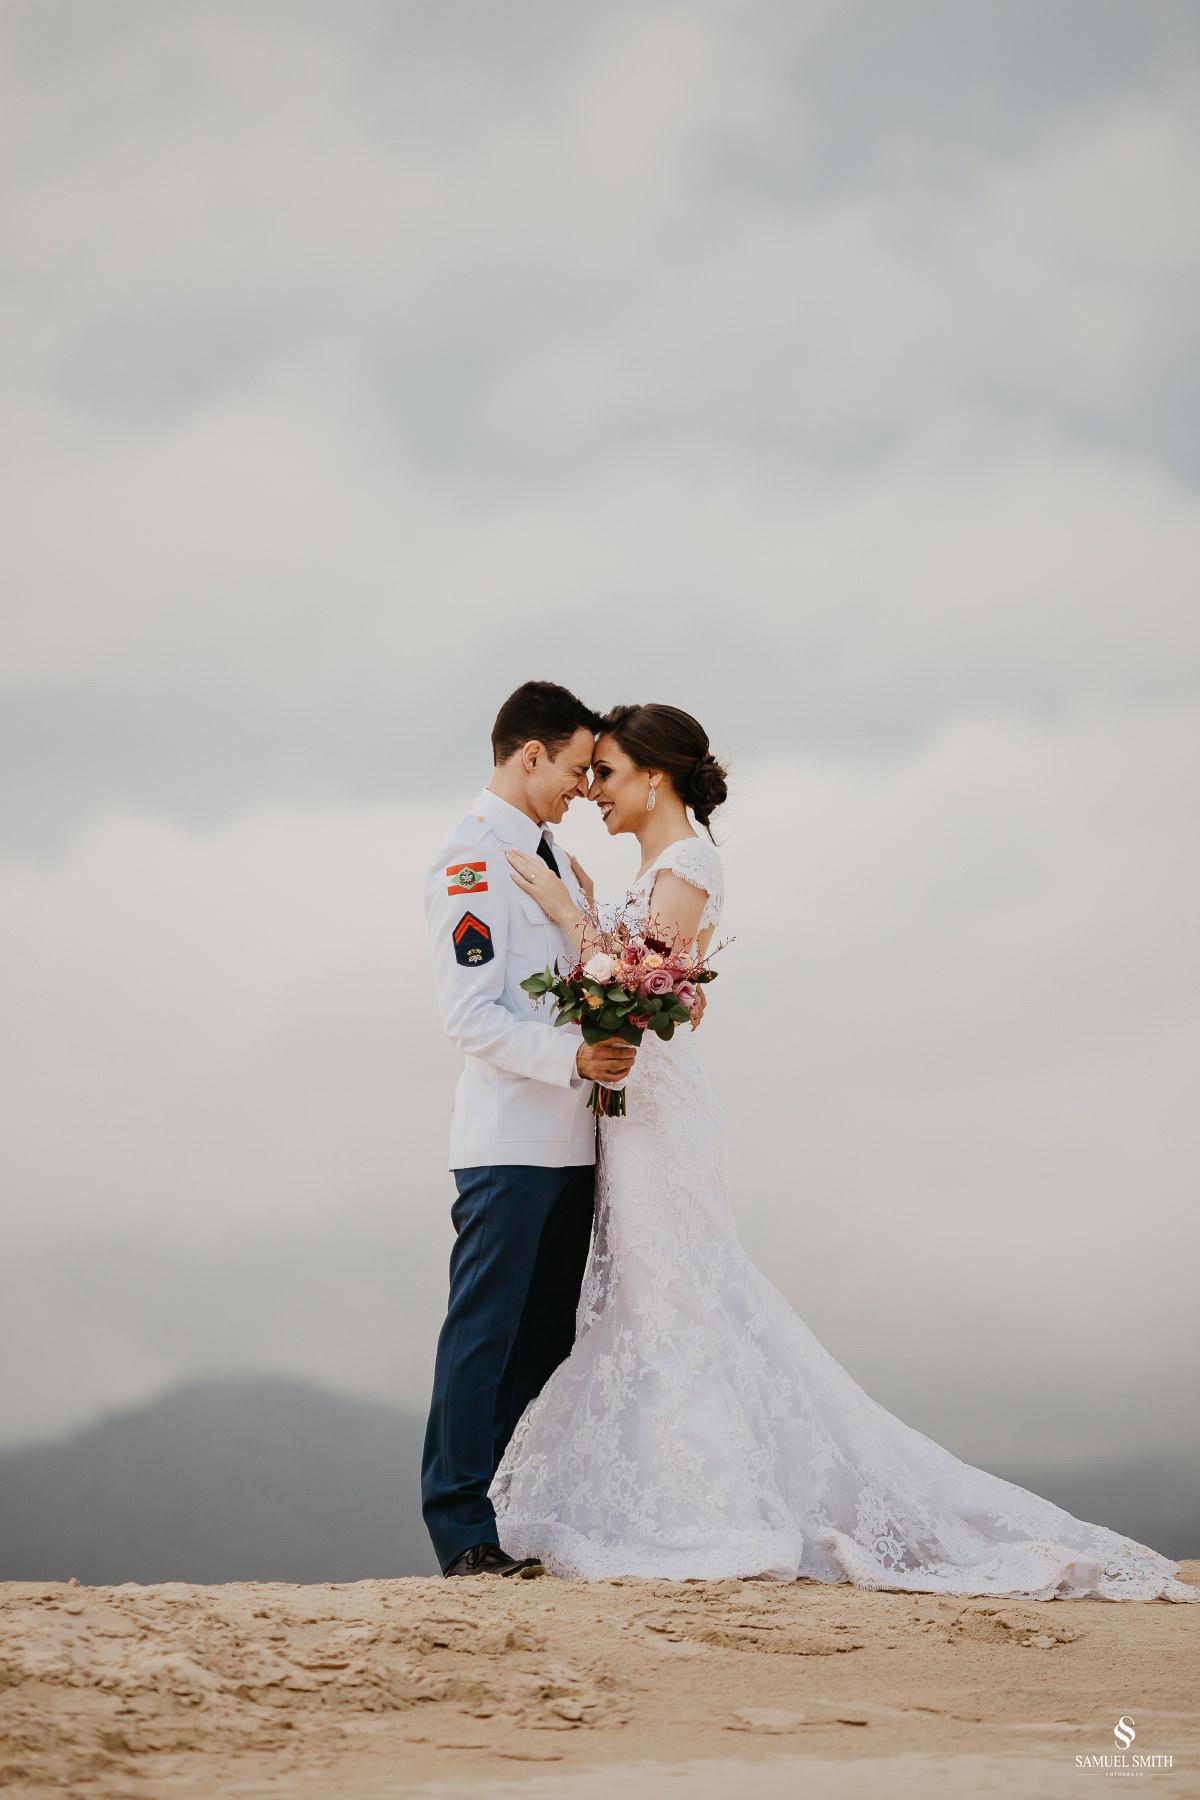 casamento ensaio fotográfico florianópolis praia da joaquina bombeiros floripa book casal noivos fotógrafo (28)